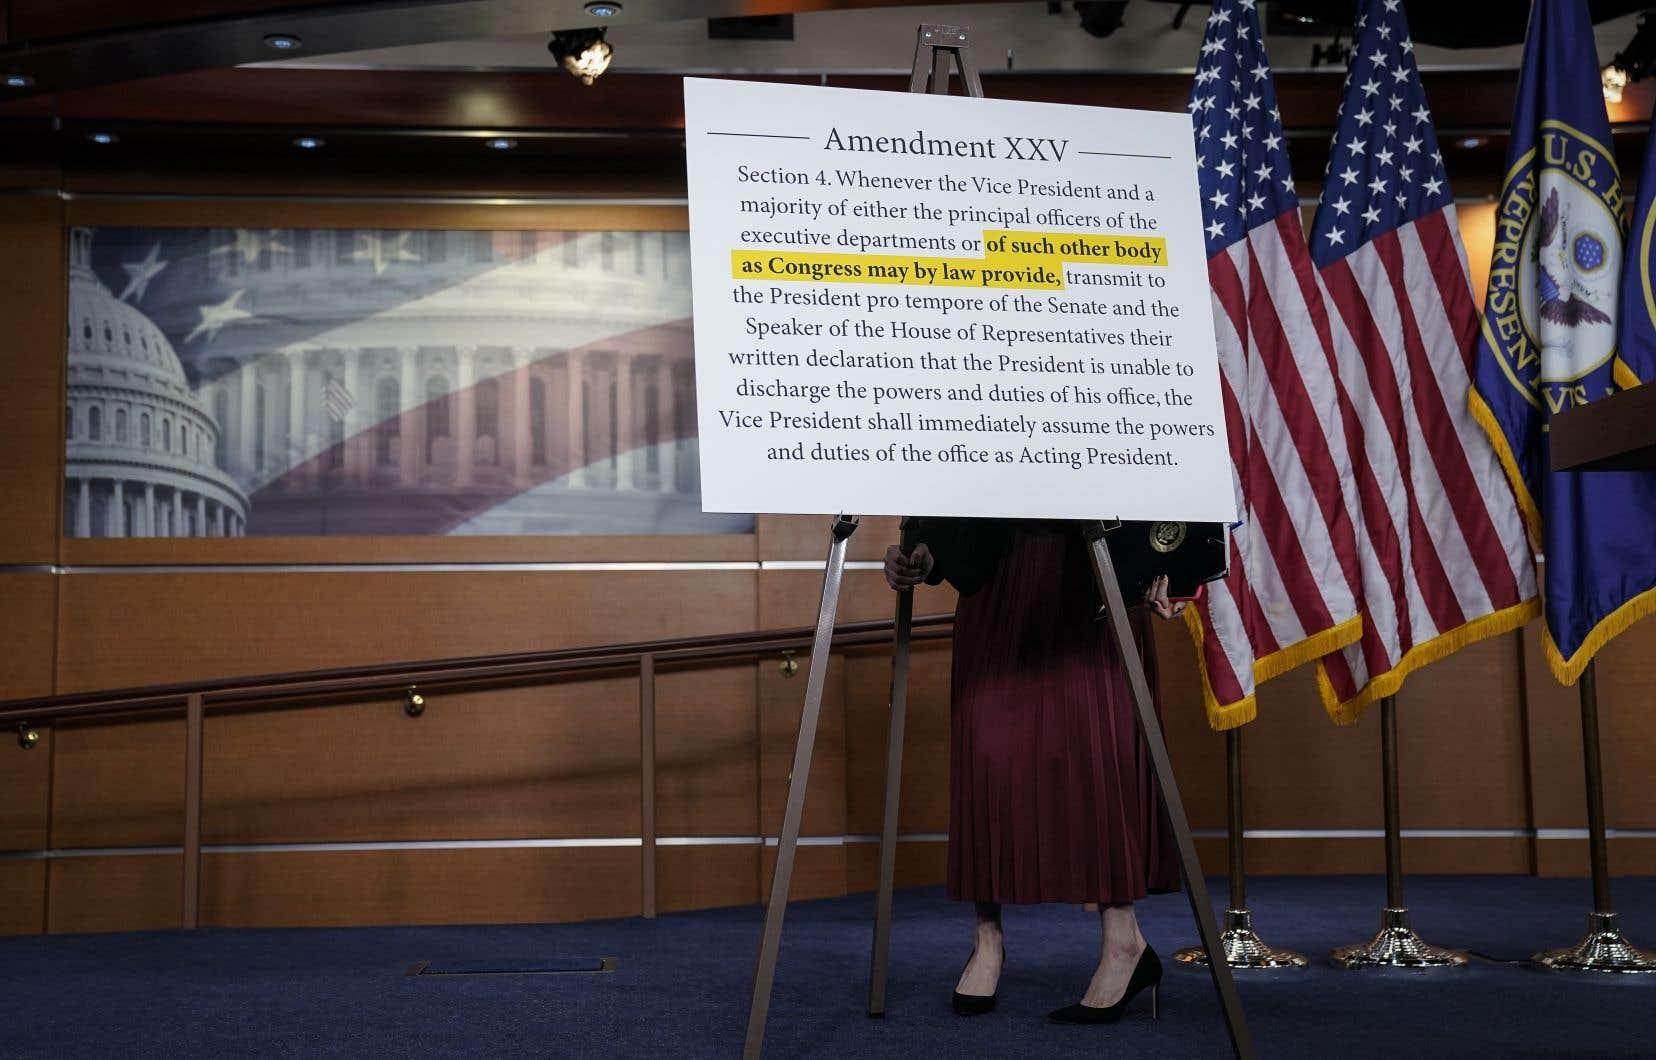 Le 25e amendementfixe les modalités d'un remplacement temporaire ou définitif du président en cas de démission, de décès ou encore d'incapacité à gouverner.